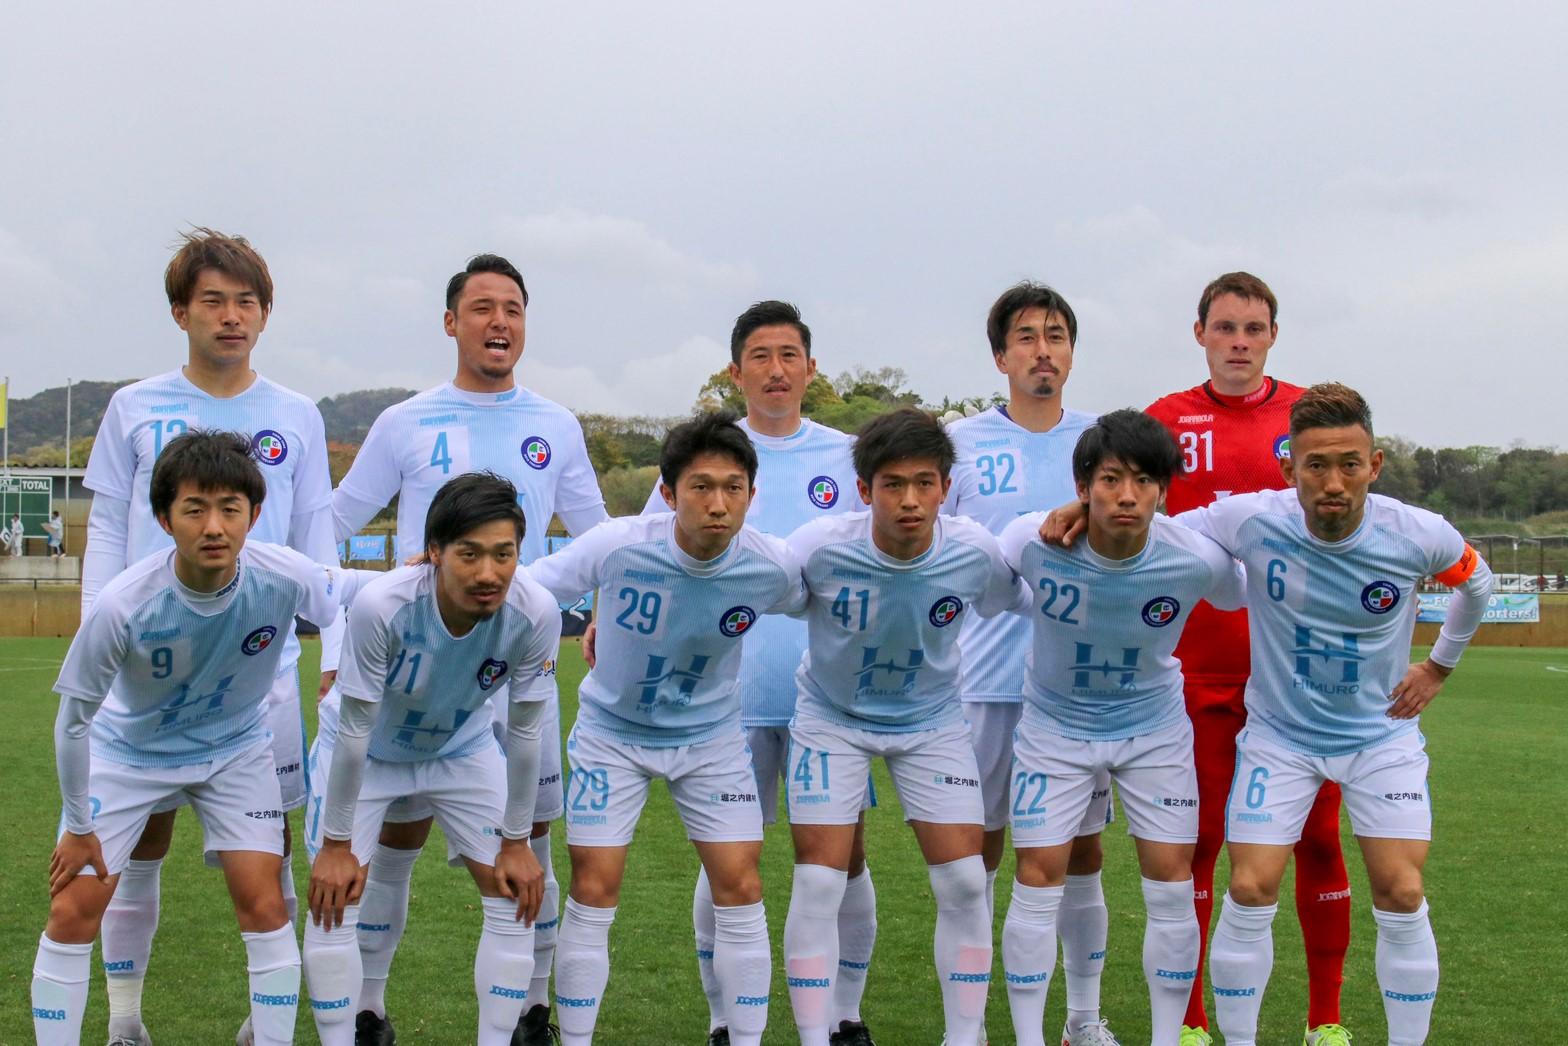 《2019年関西サッカー1部リーグ》 VSアルテリーヴォ和歌山